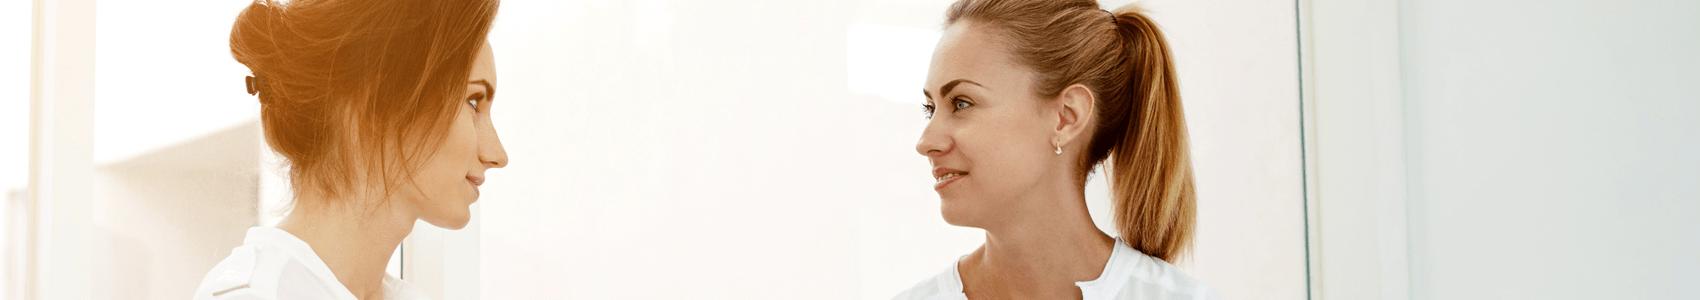 Apprendre à Apprendre : 5 secrets d'une formation réussie